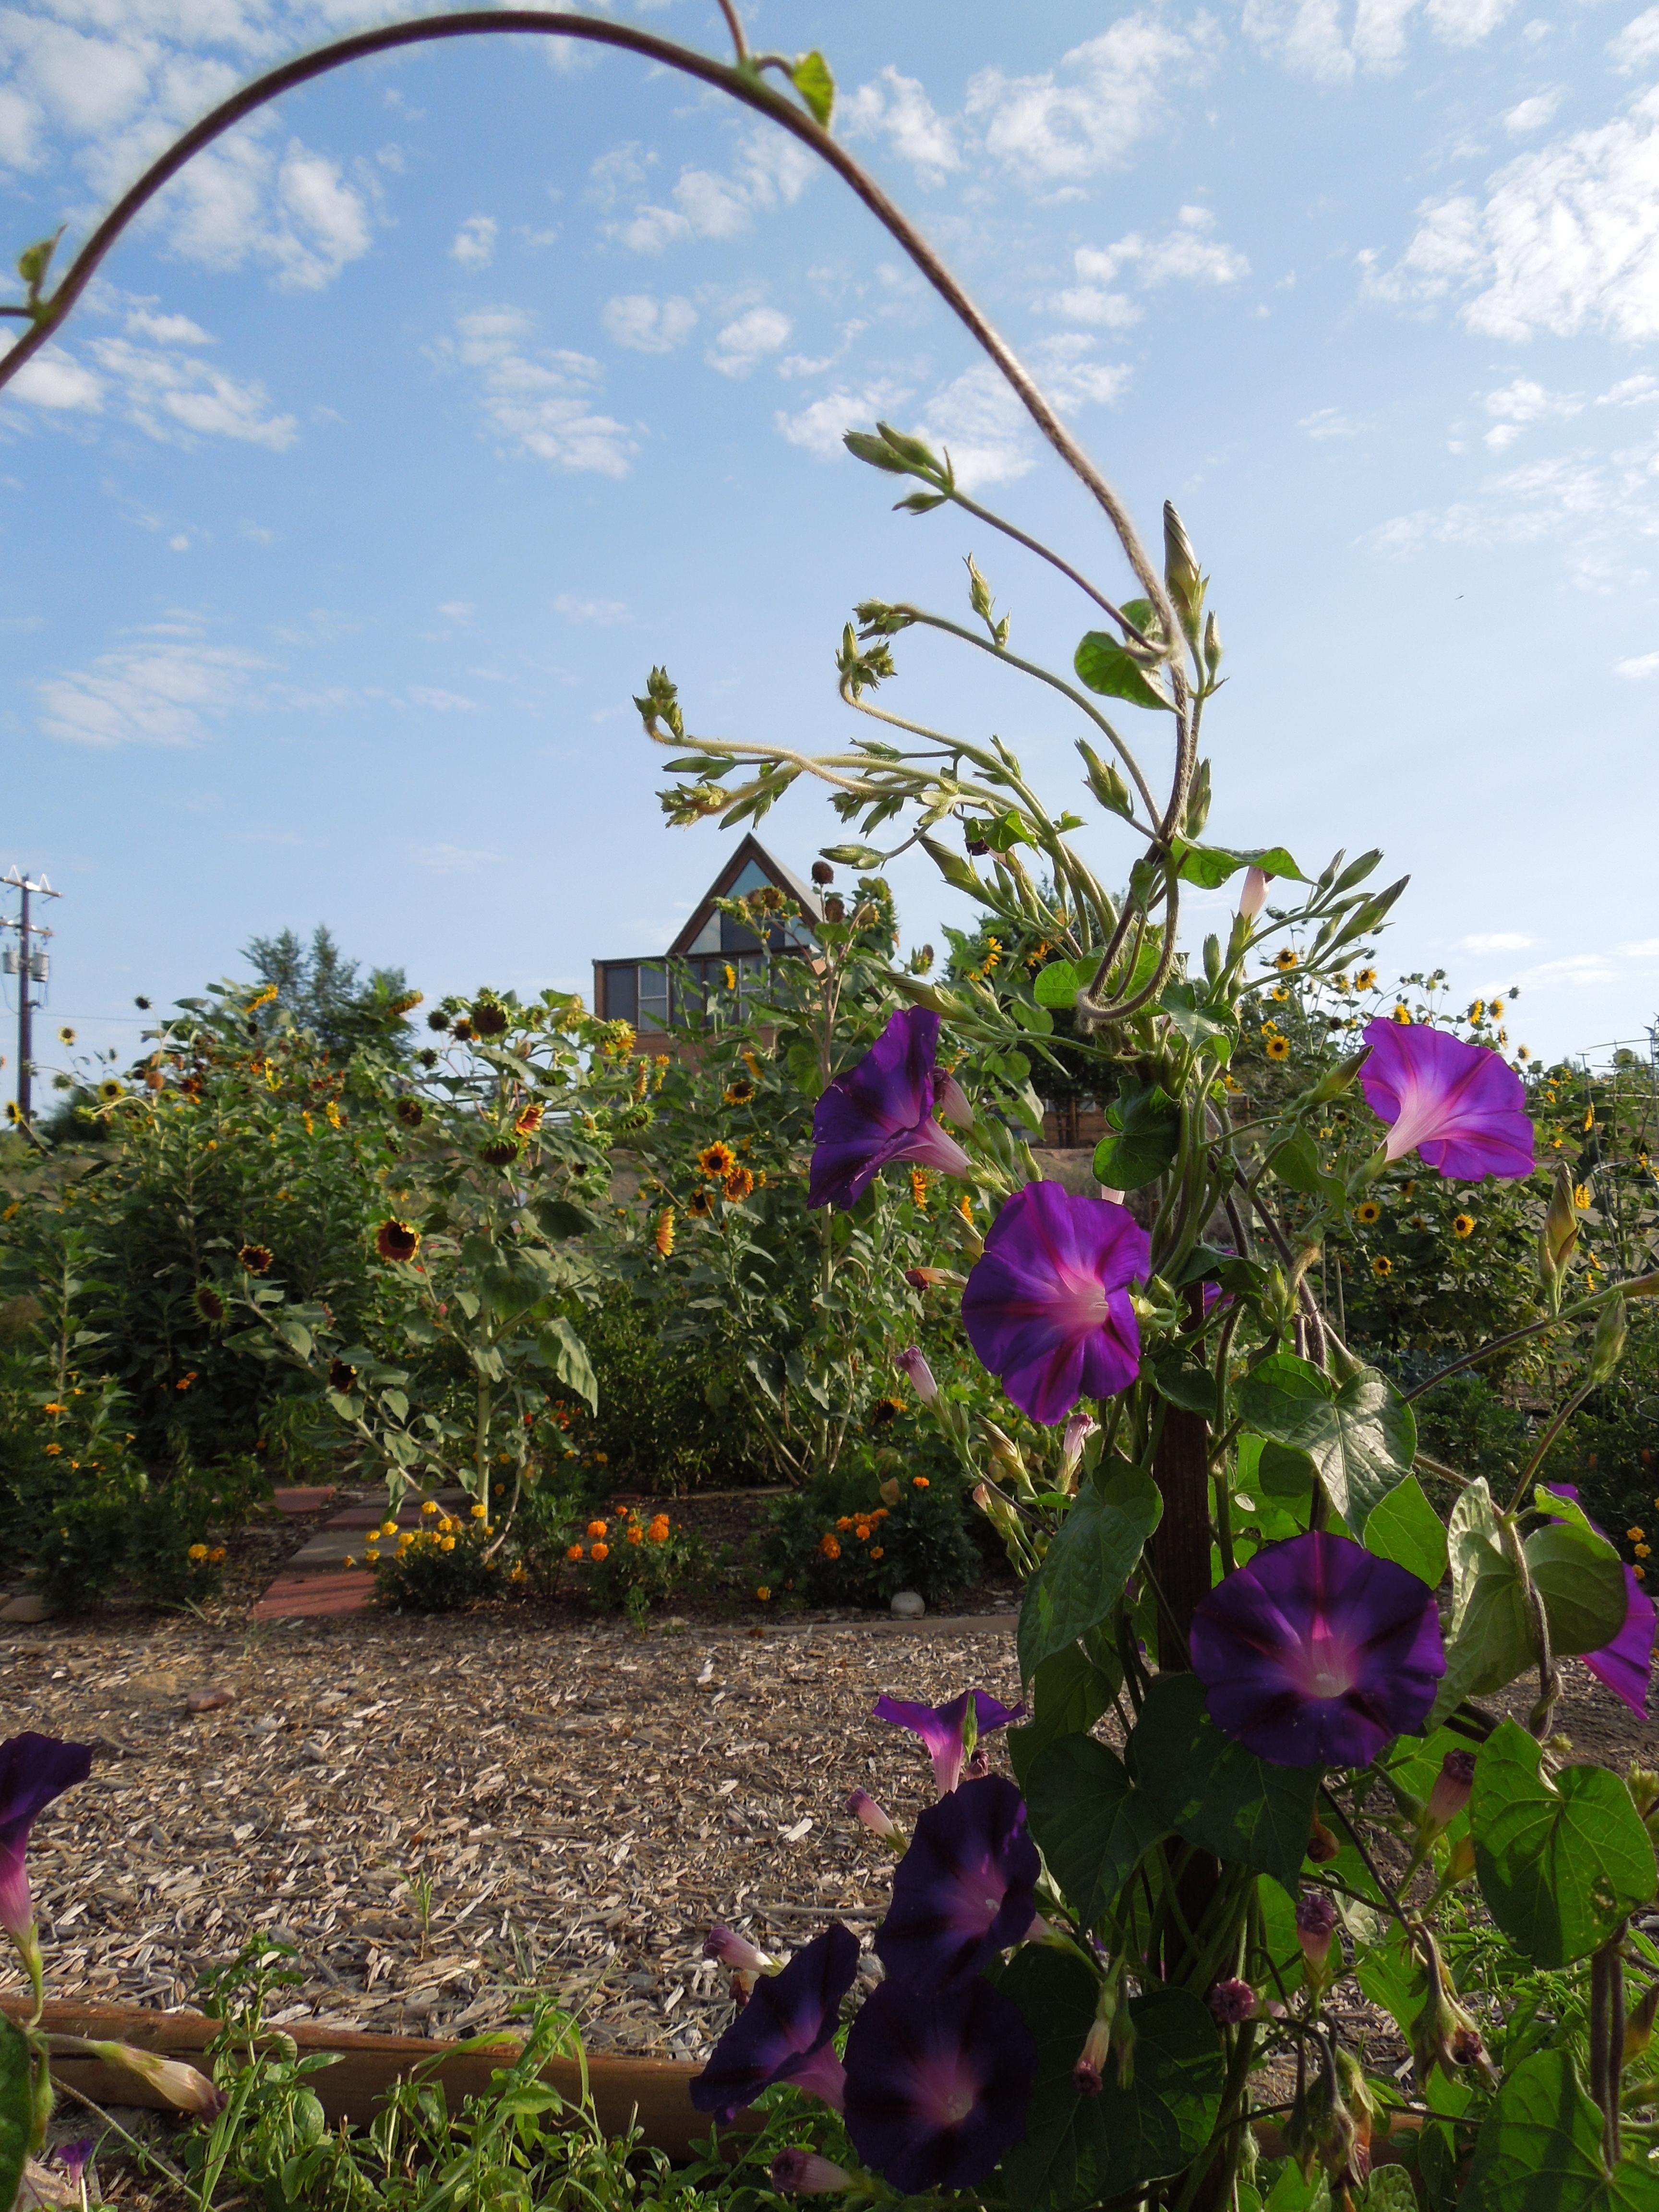 garden-8-2013-23 Community Garden